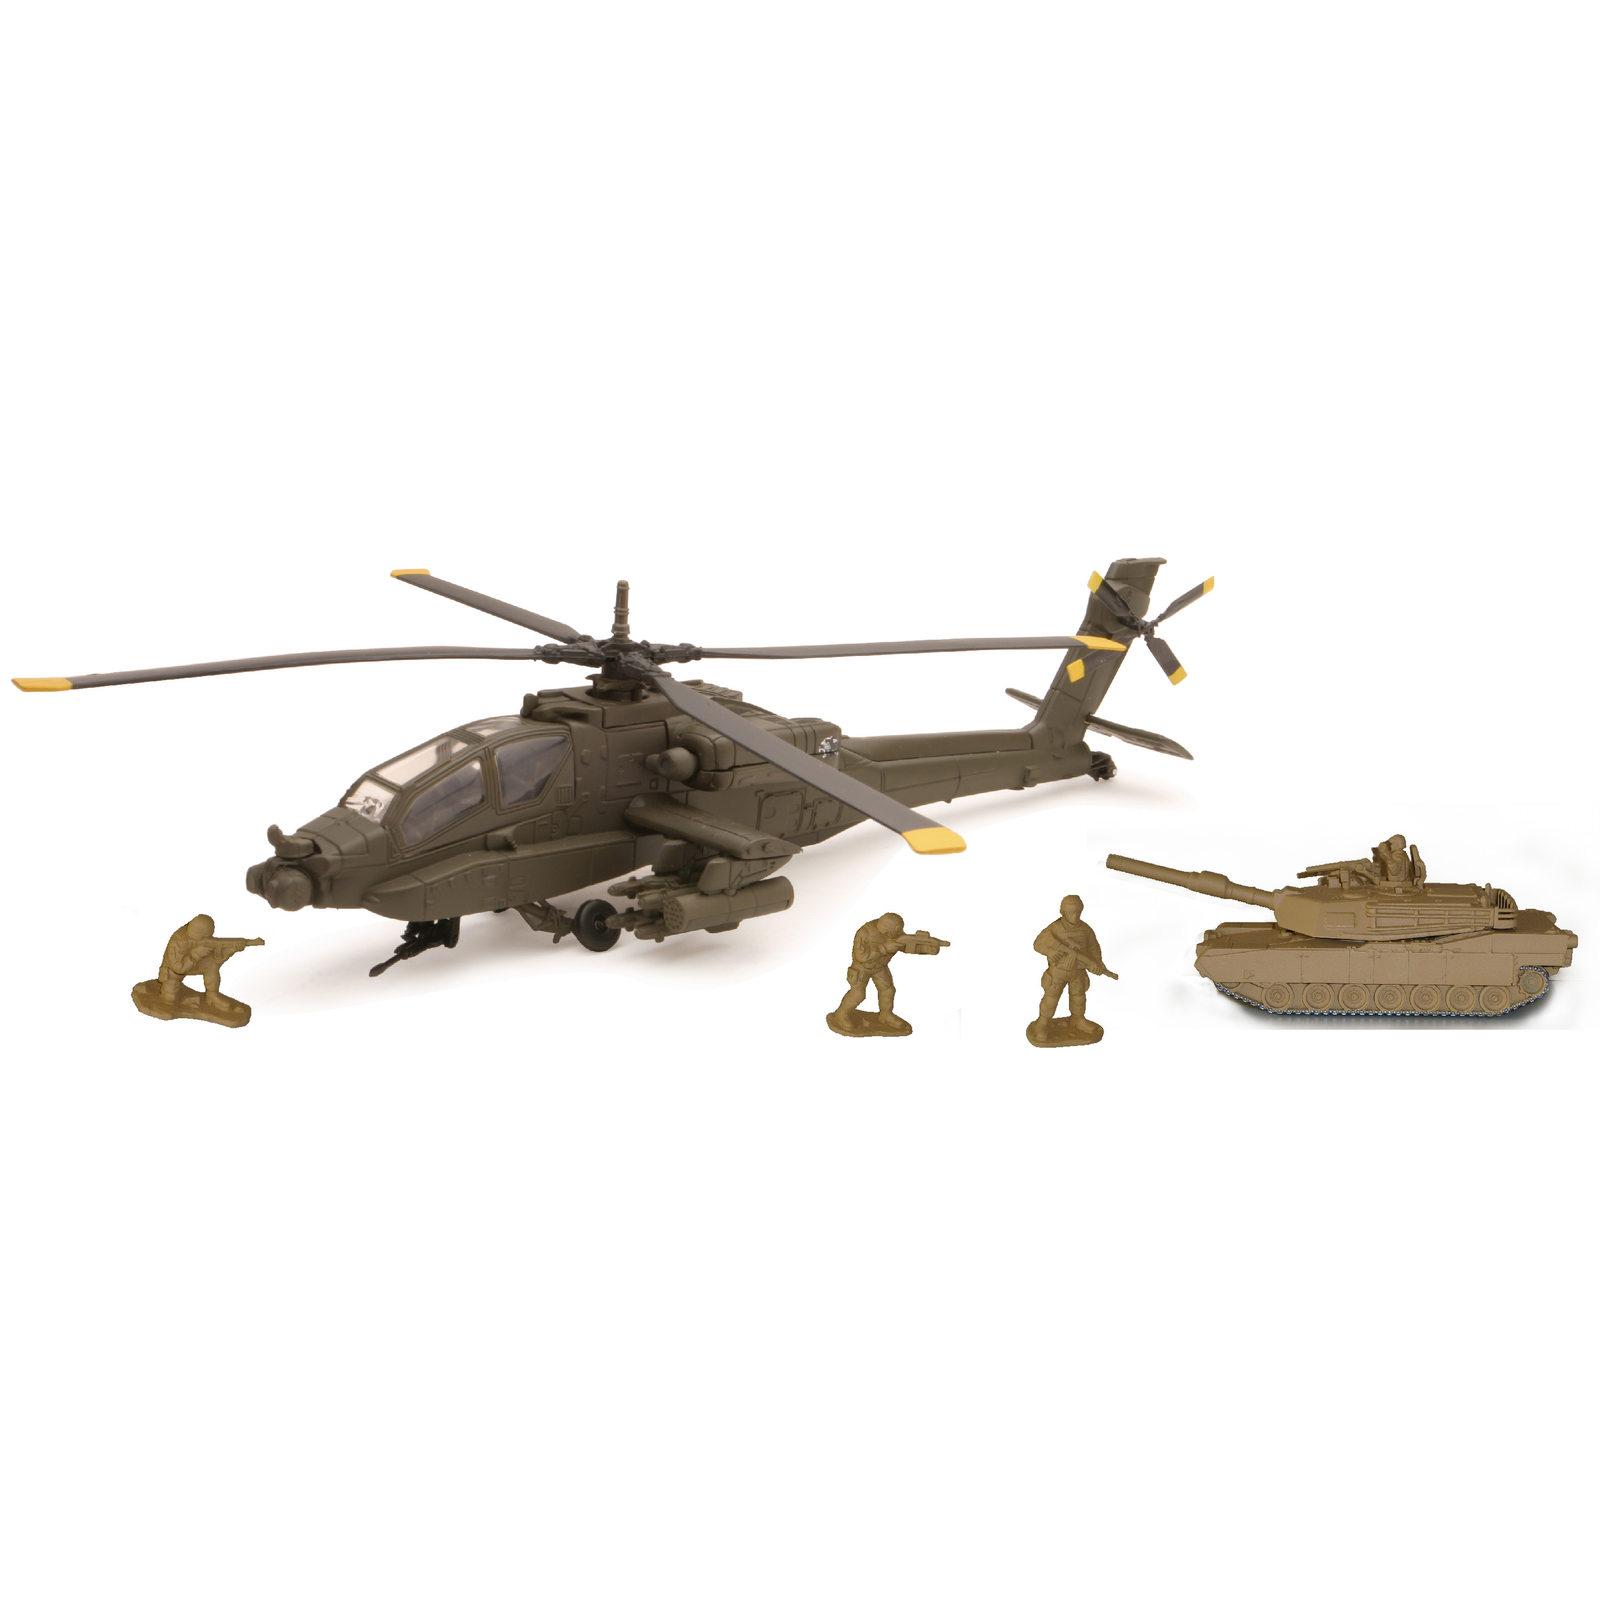 Fantastisch Militär Bilderrahmen Armee Zeitgenössisch - Bilderrahmen ...